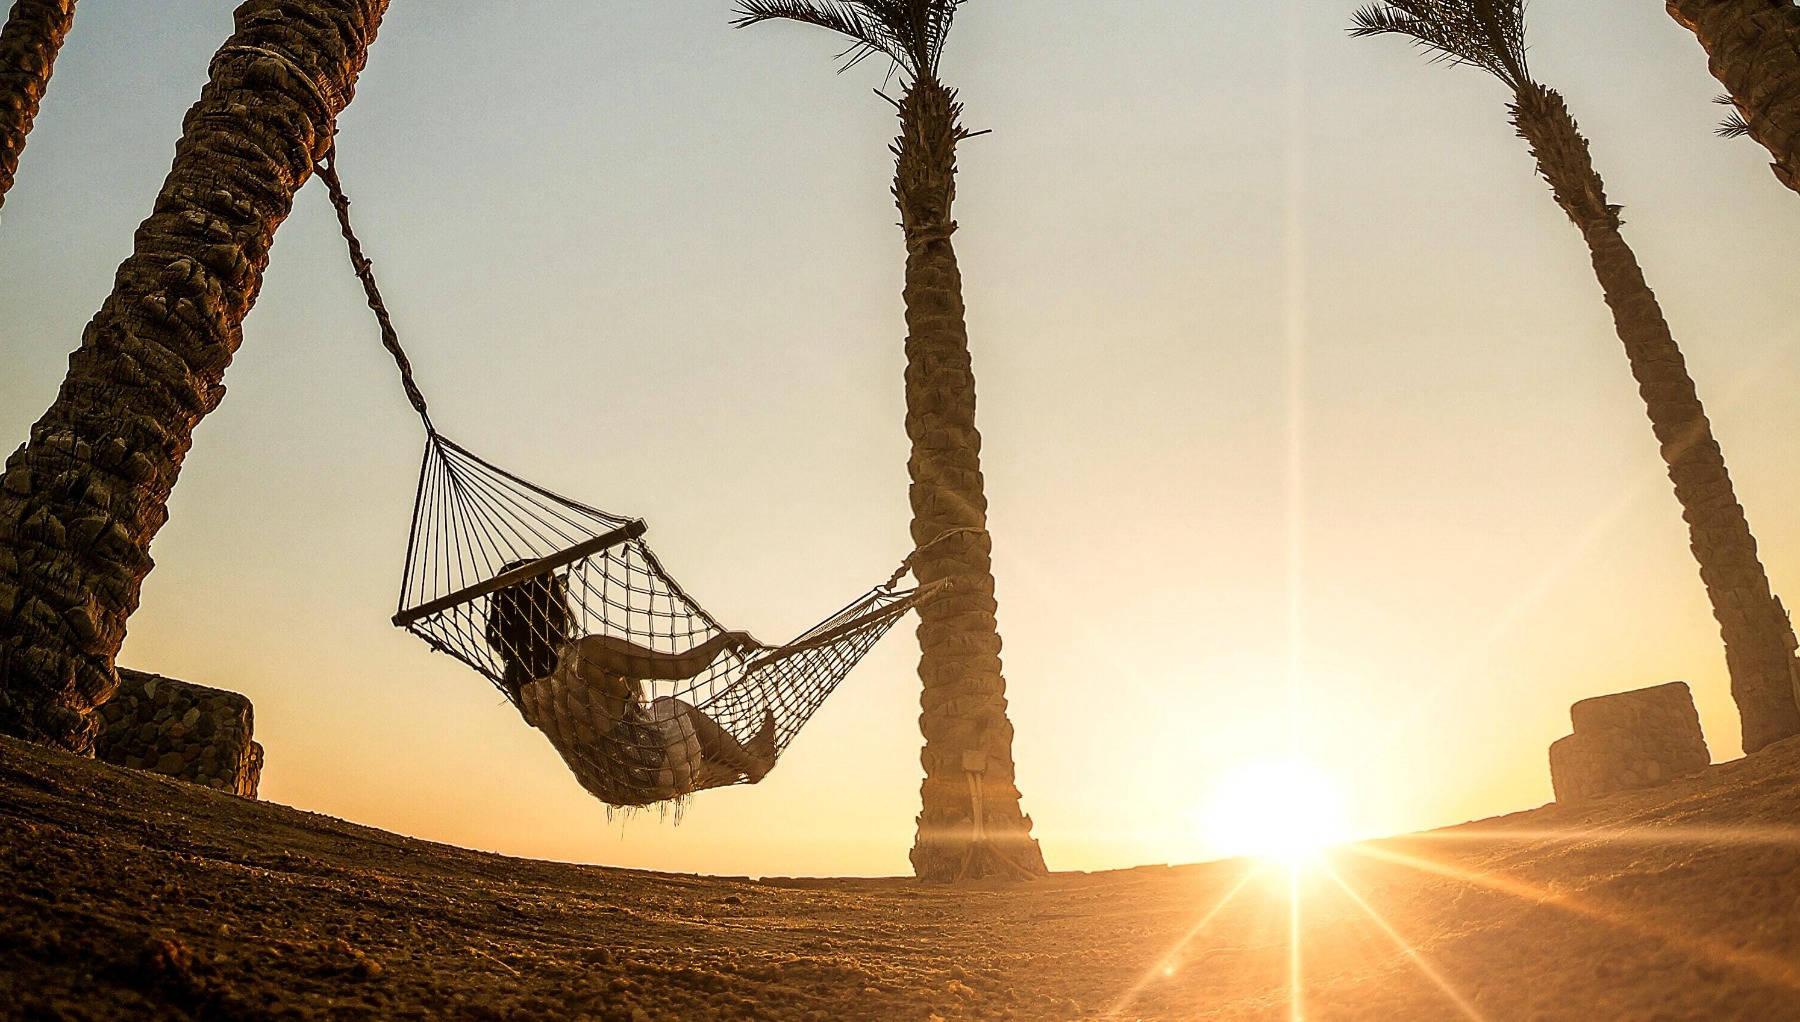 Woman in hammock watching the sun